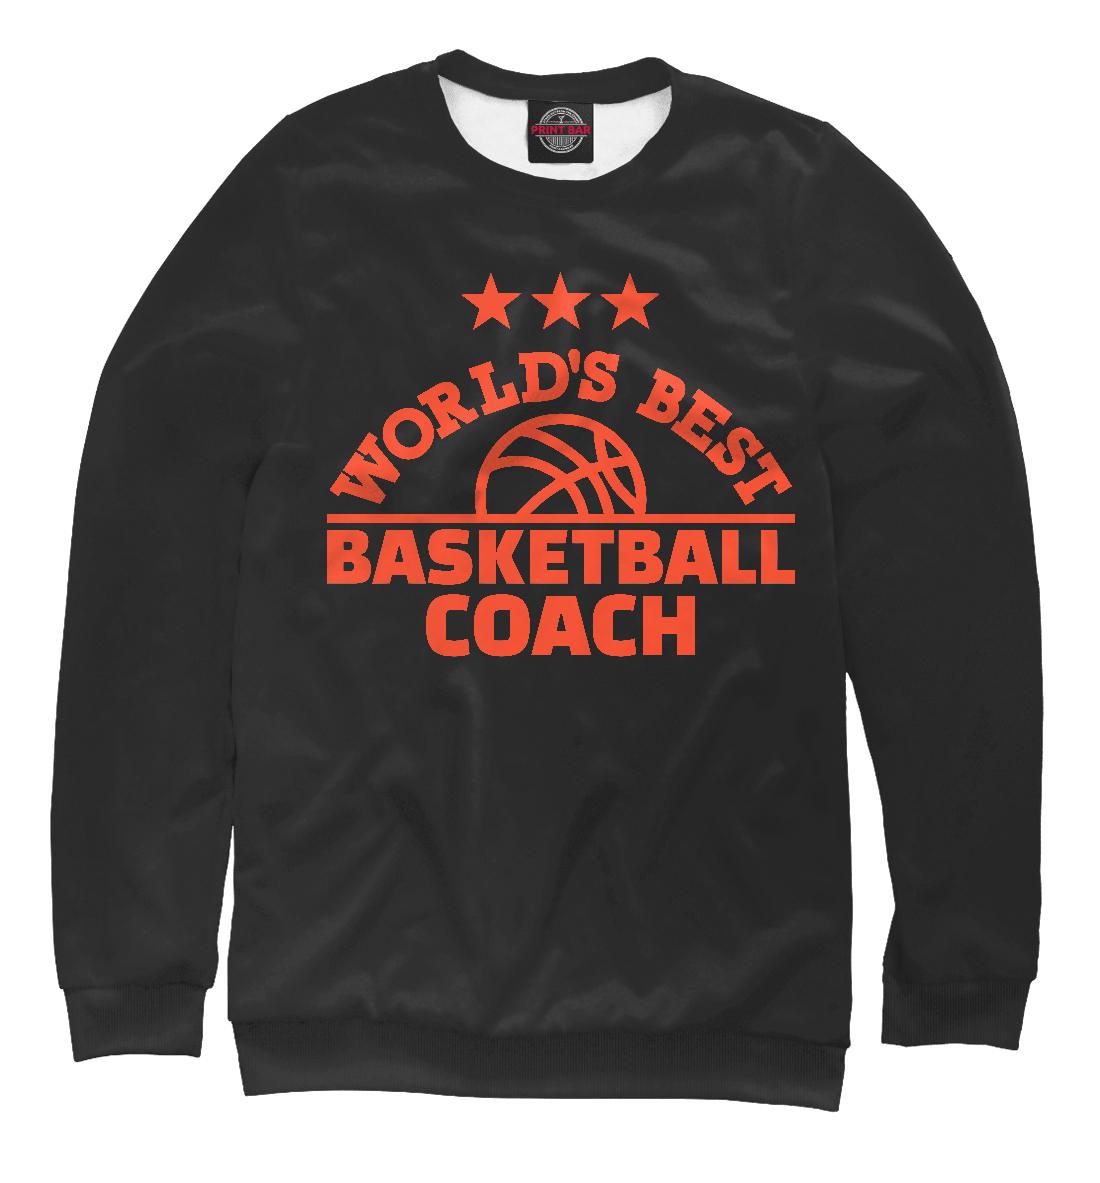 Купить Лучший баскетбольный тренер, Printbar, Свитшоты, NBA-699554-swi-1